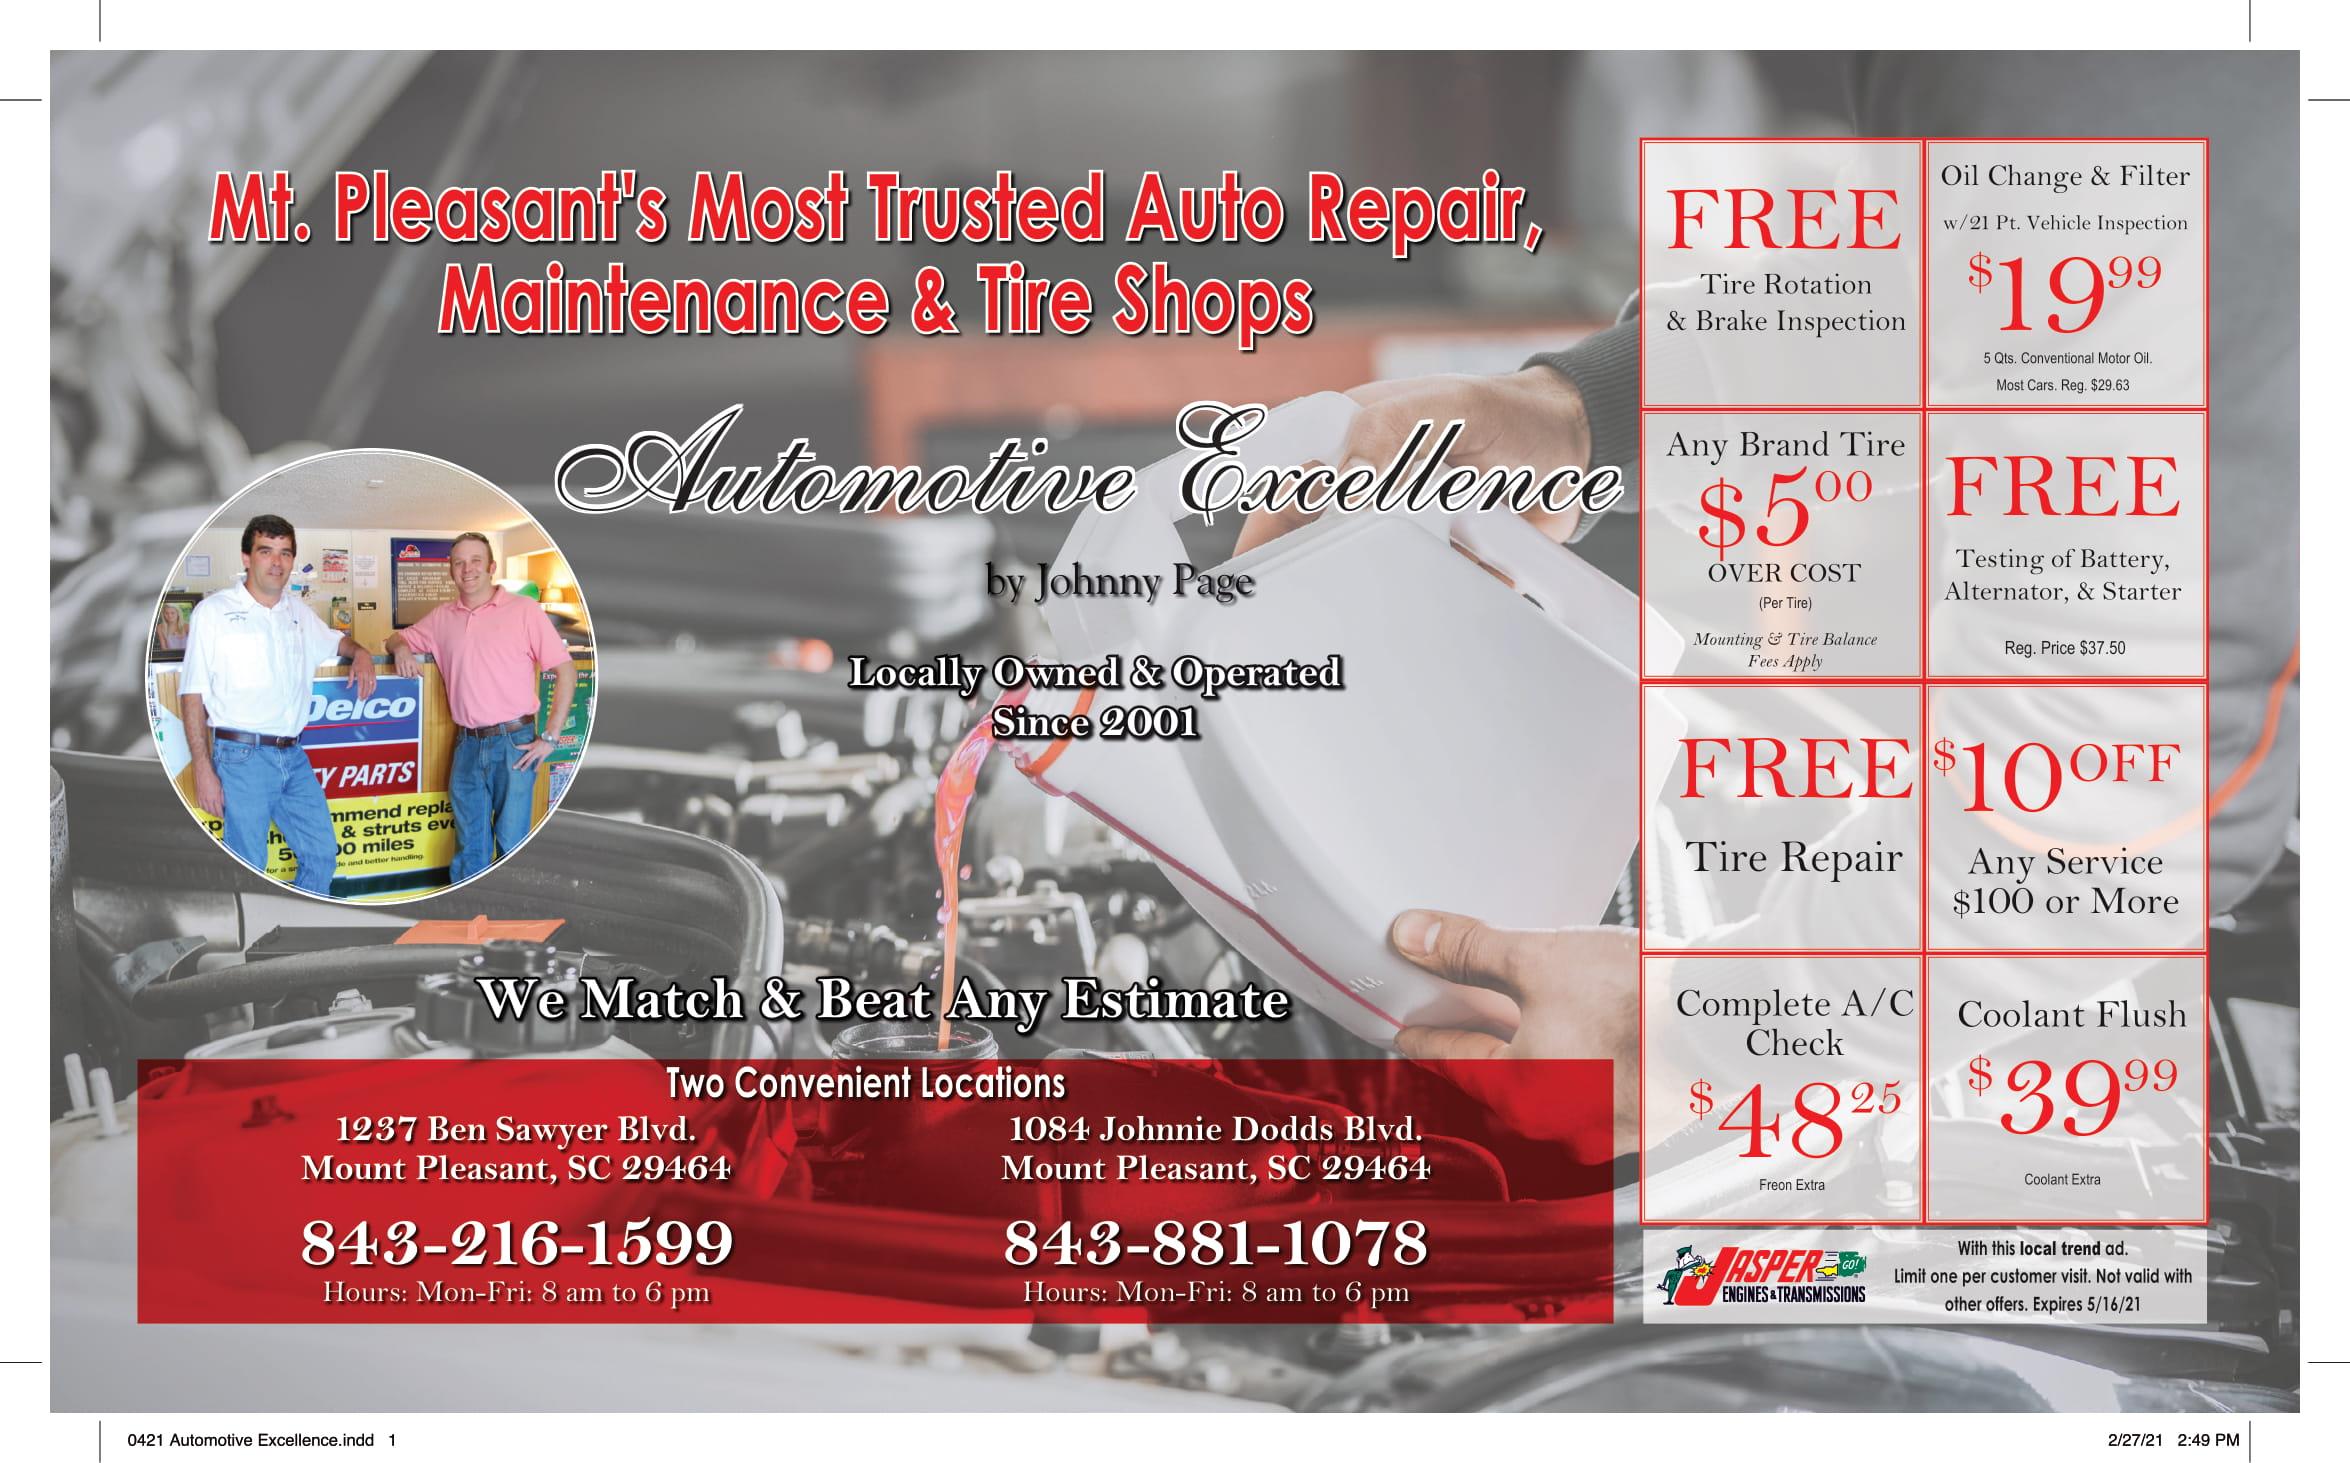 0421 Automotive Excellence 1